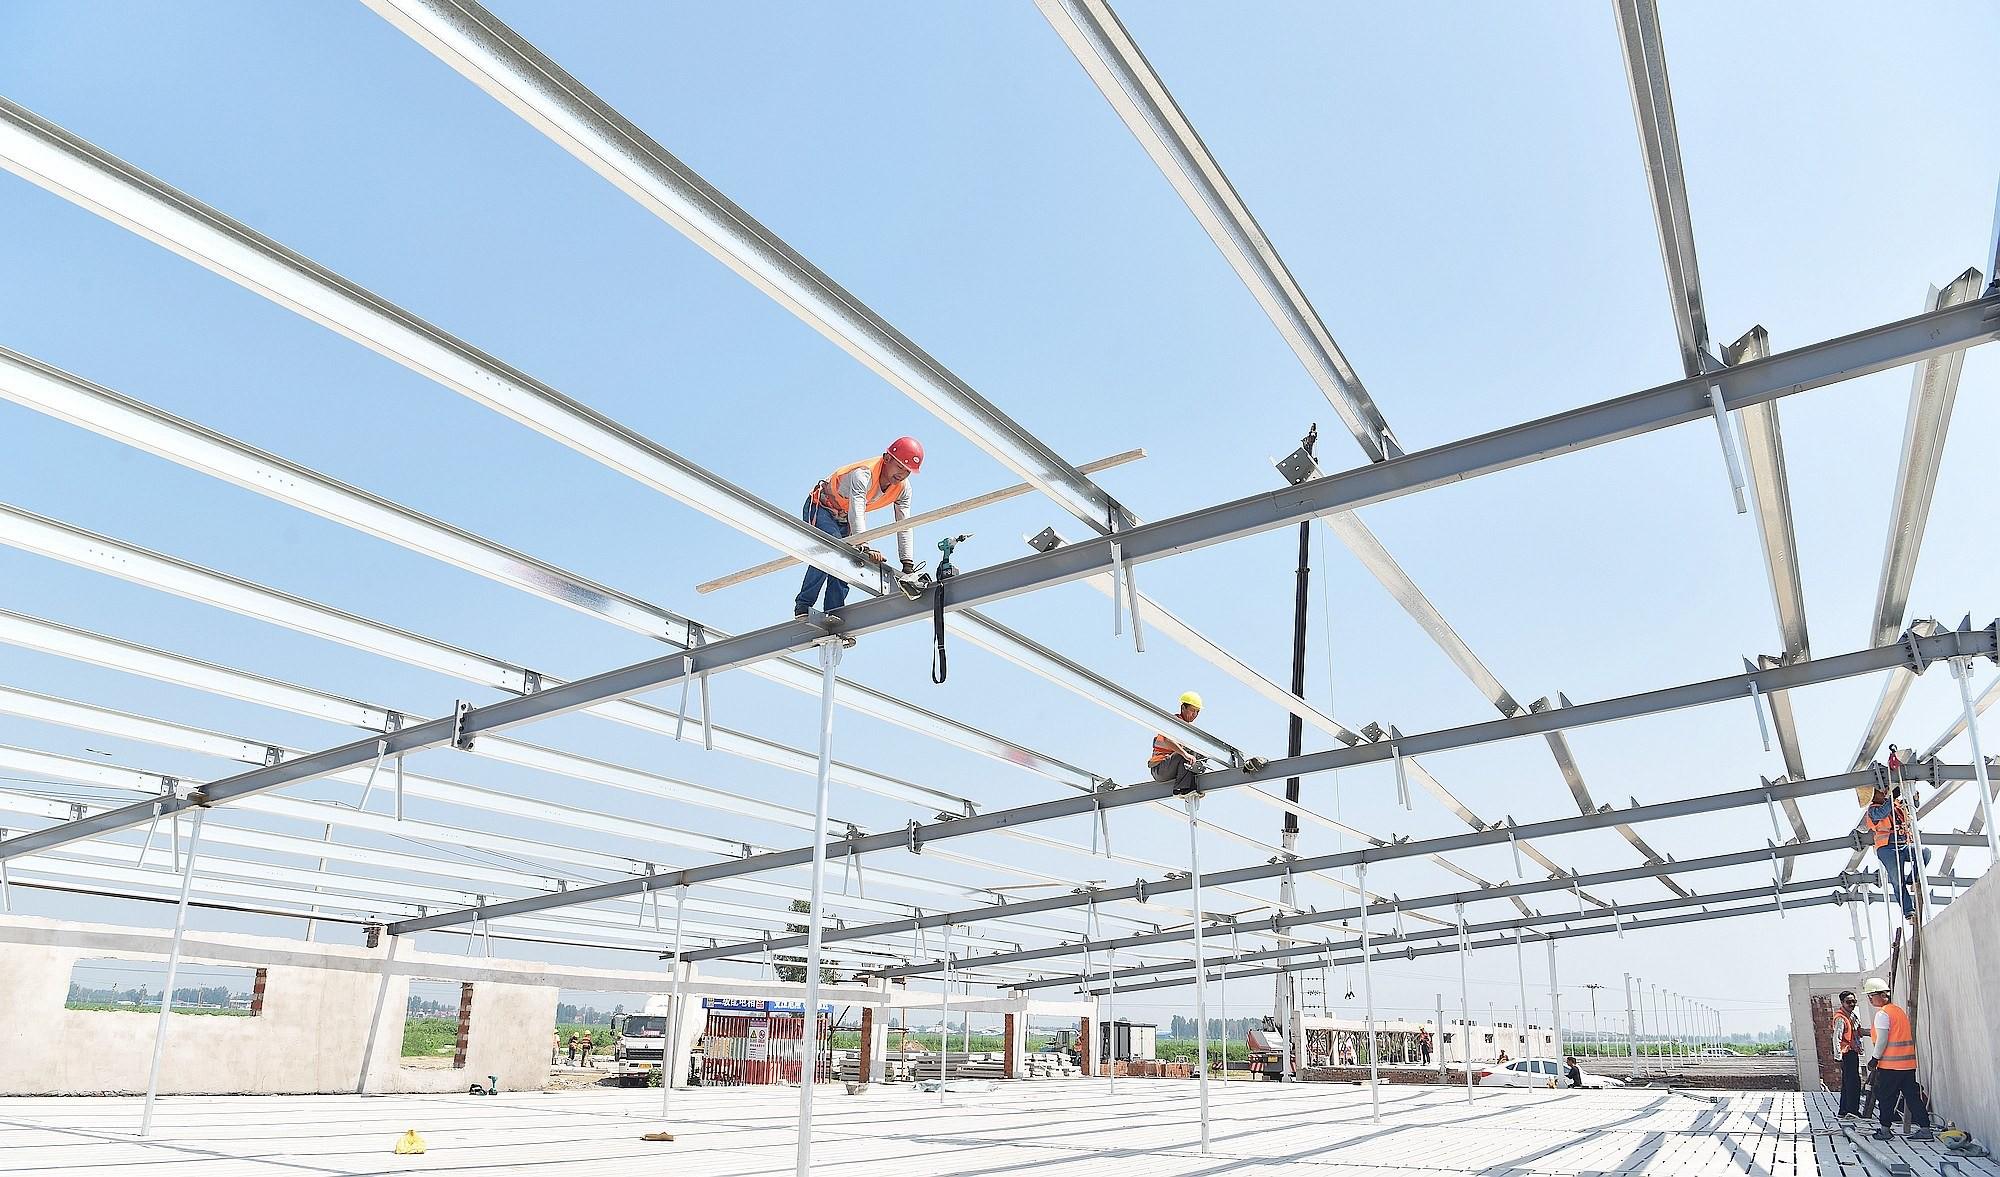 叮咛店镇西张谦村新希望集团养殖产业项目建设现场,工人正在施工